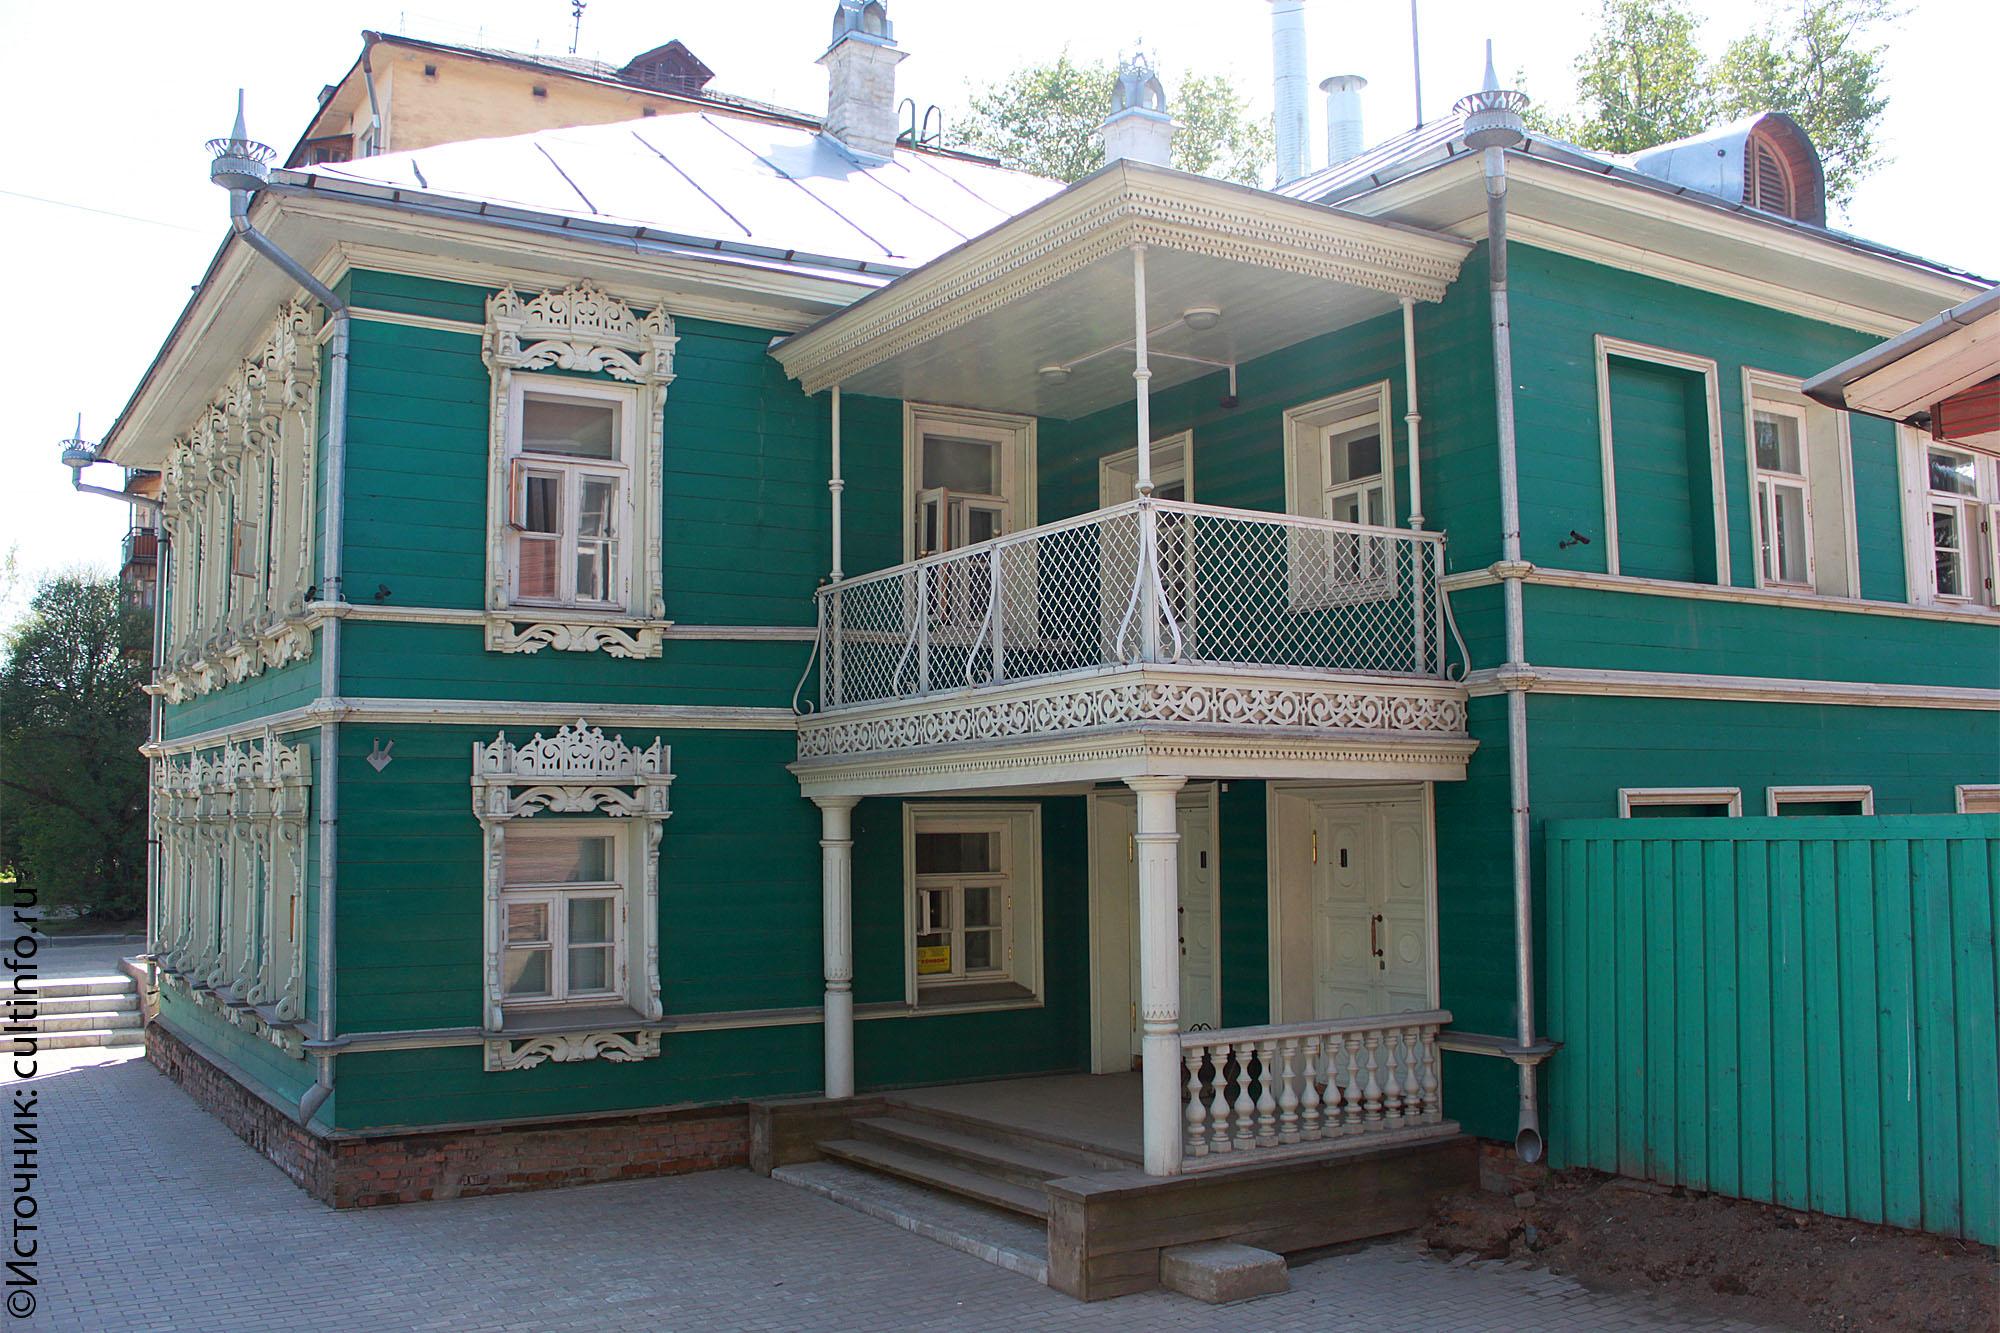 Дом купцов Пановых на улице Герцена в Вологде продают за 8,5 млн рублей